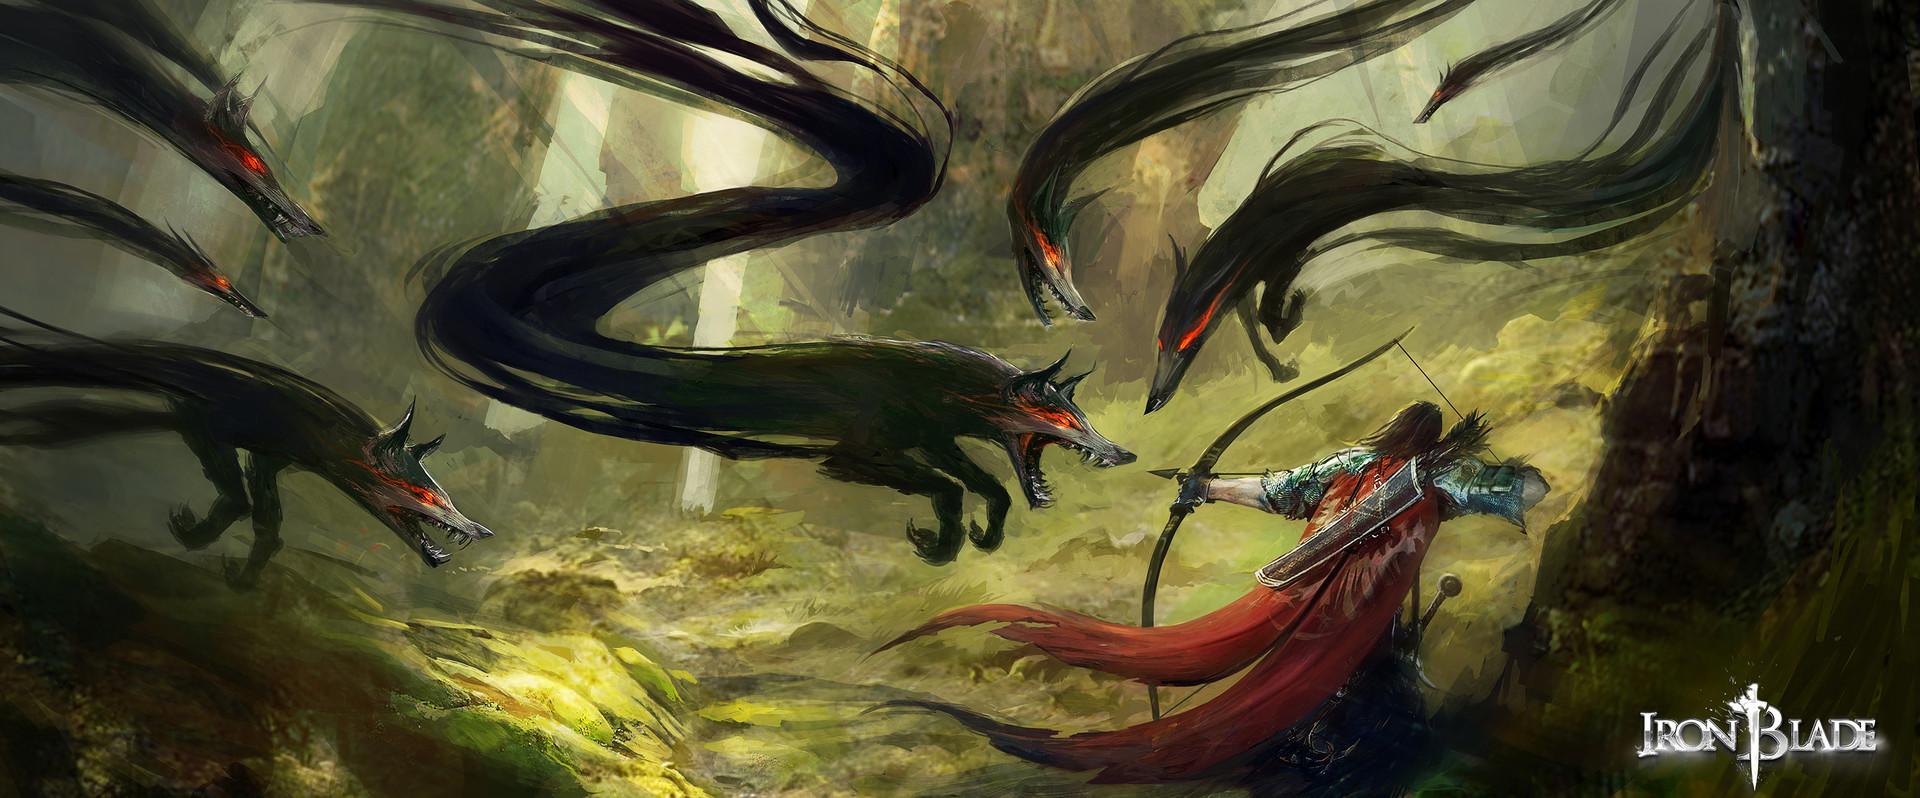 Alexandre chaudret gca creature barghest 04